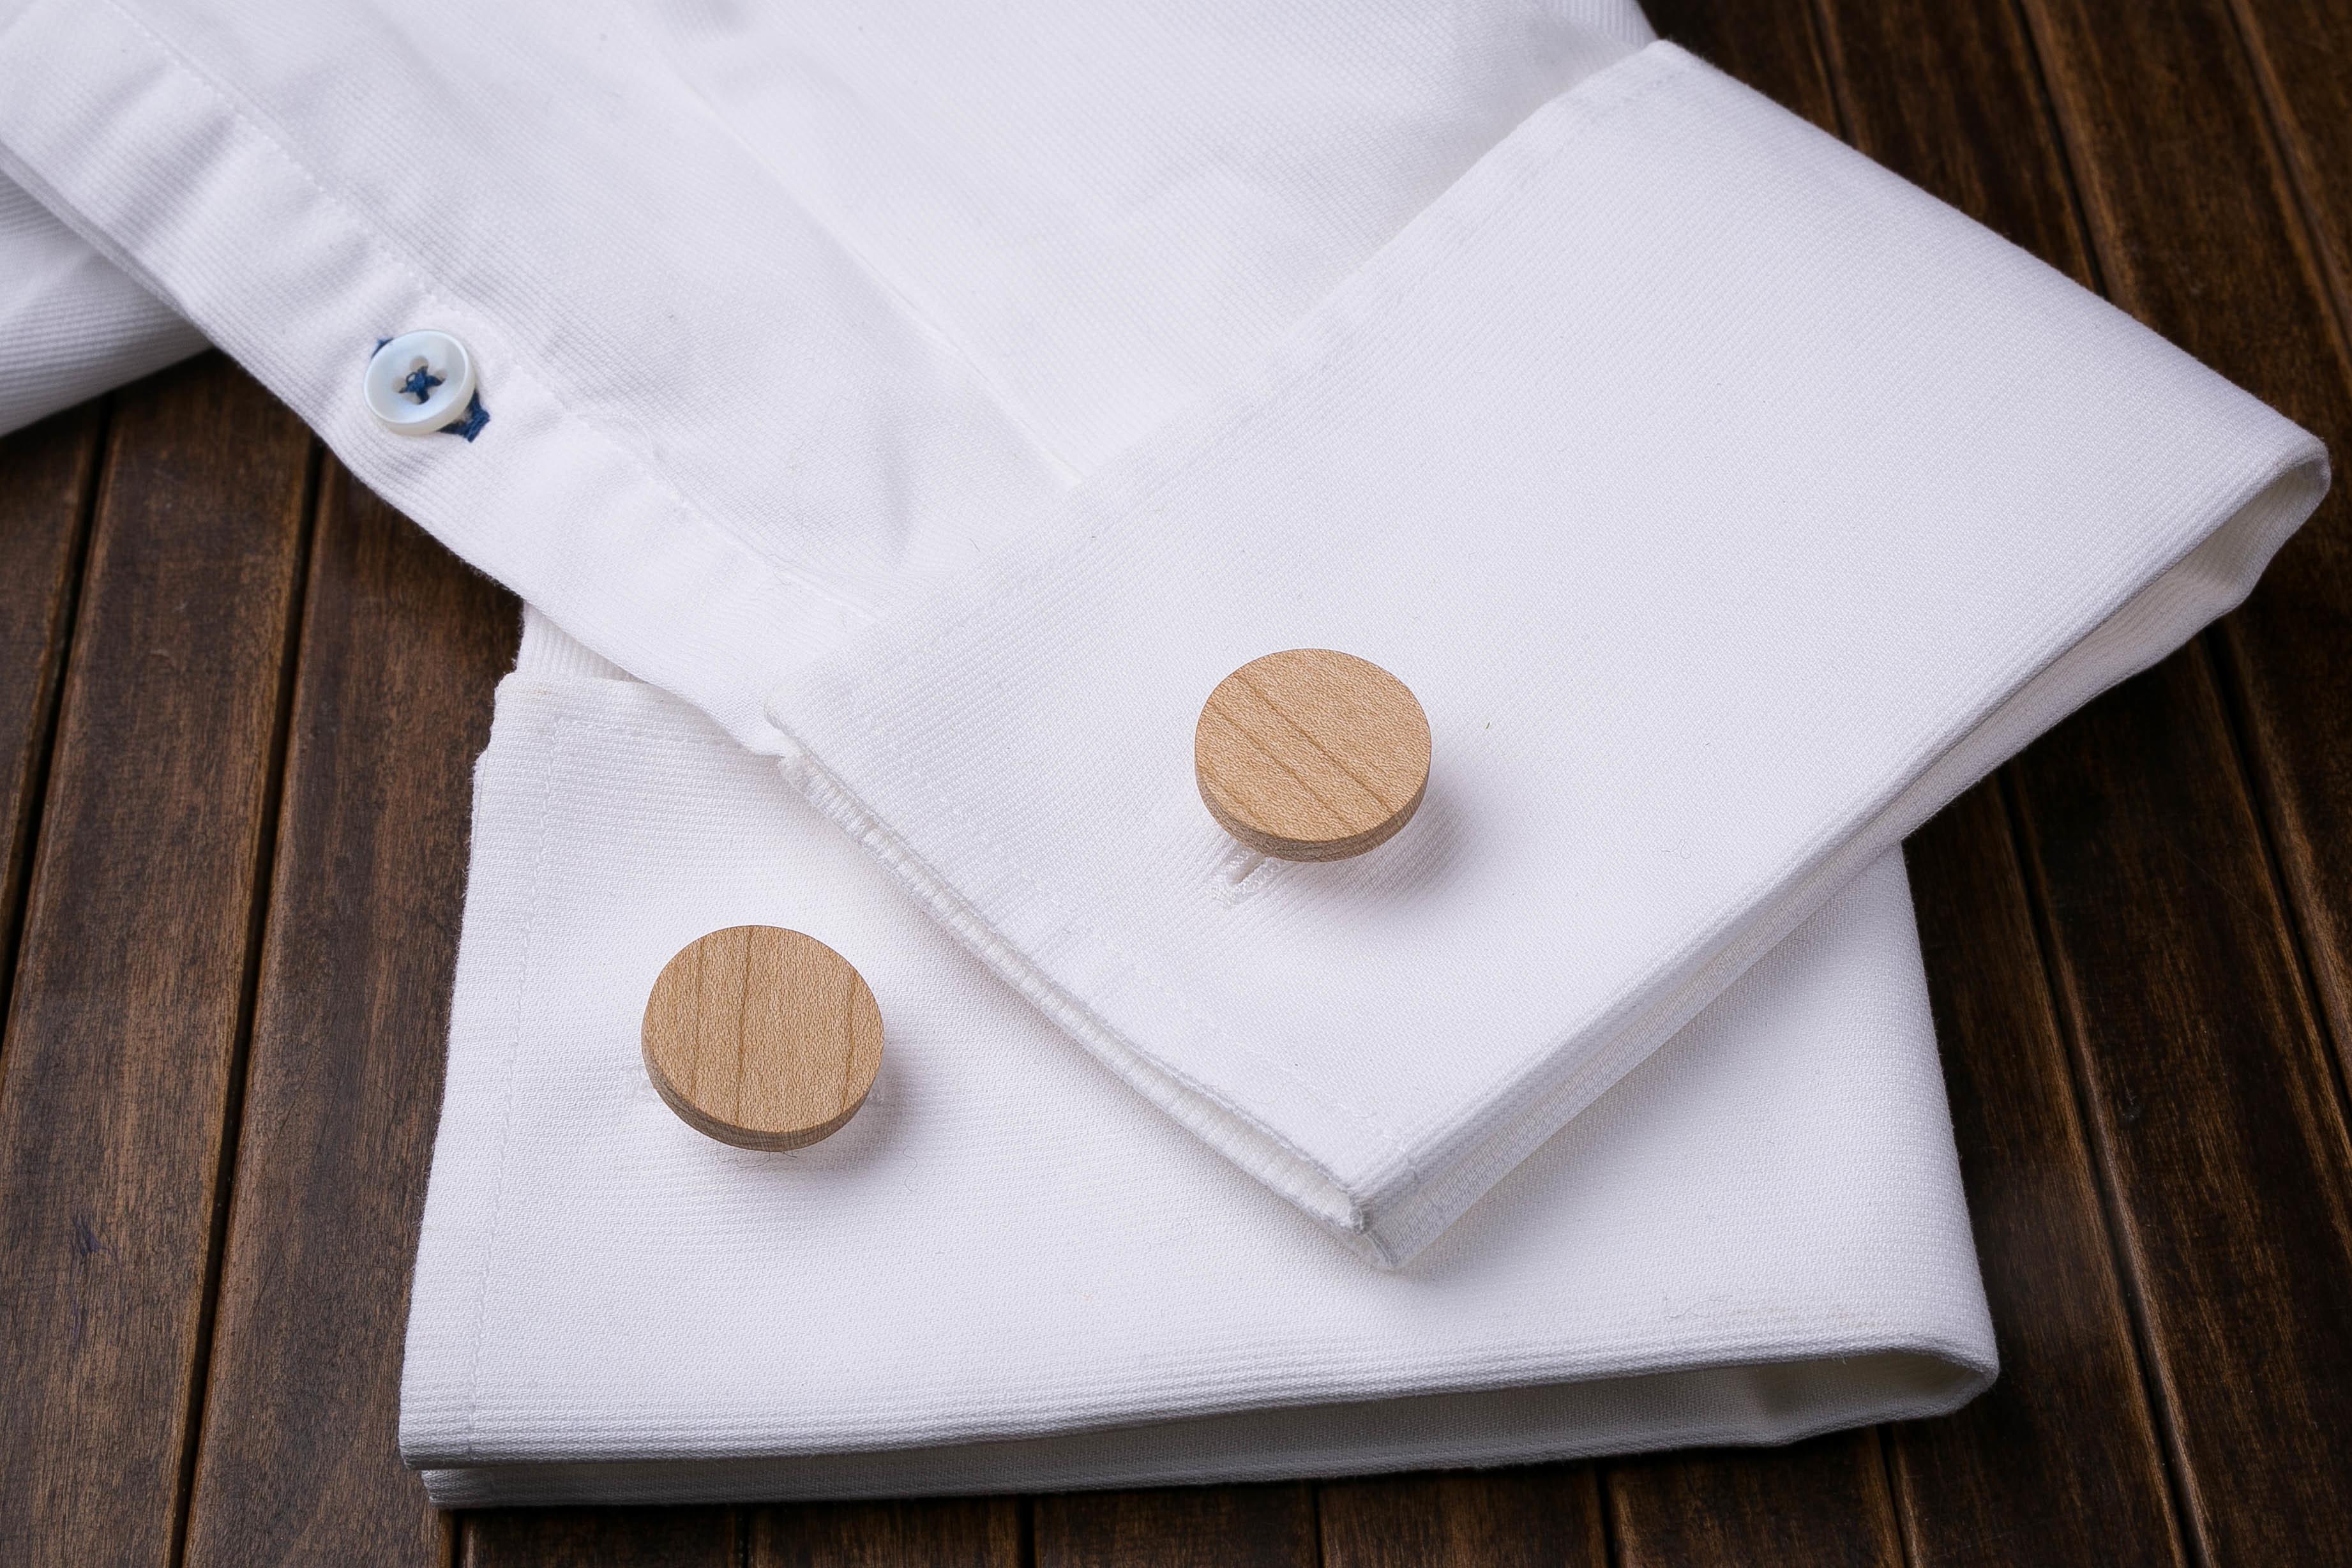 Комплект: Круглые запонки из дерева и Деревянный зажим для галстука. Массив клена. Гравировка инициалов. Упаковка в комплекте